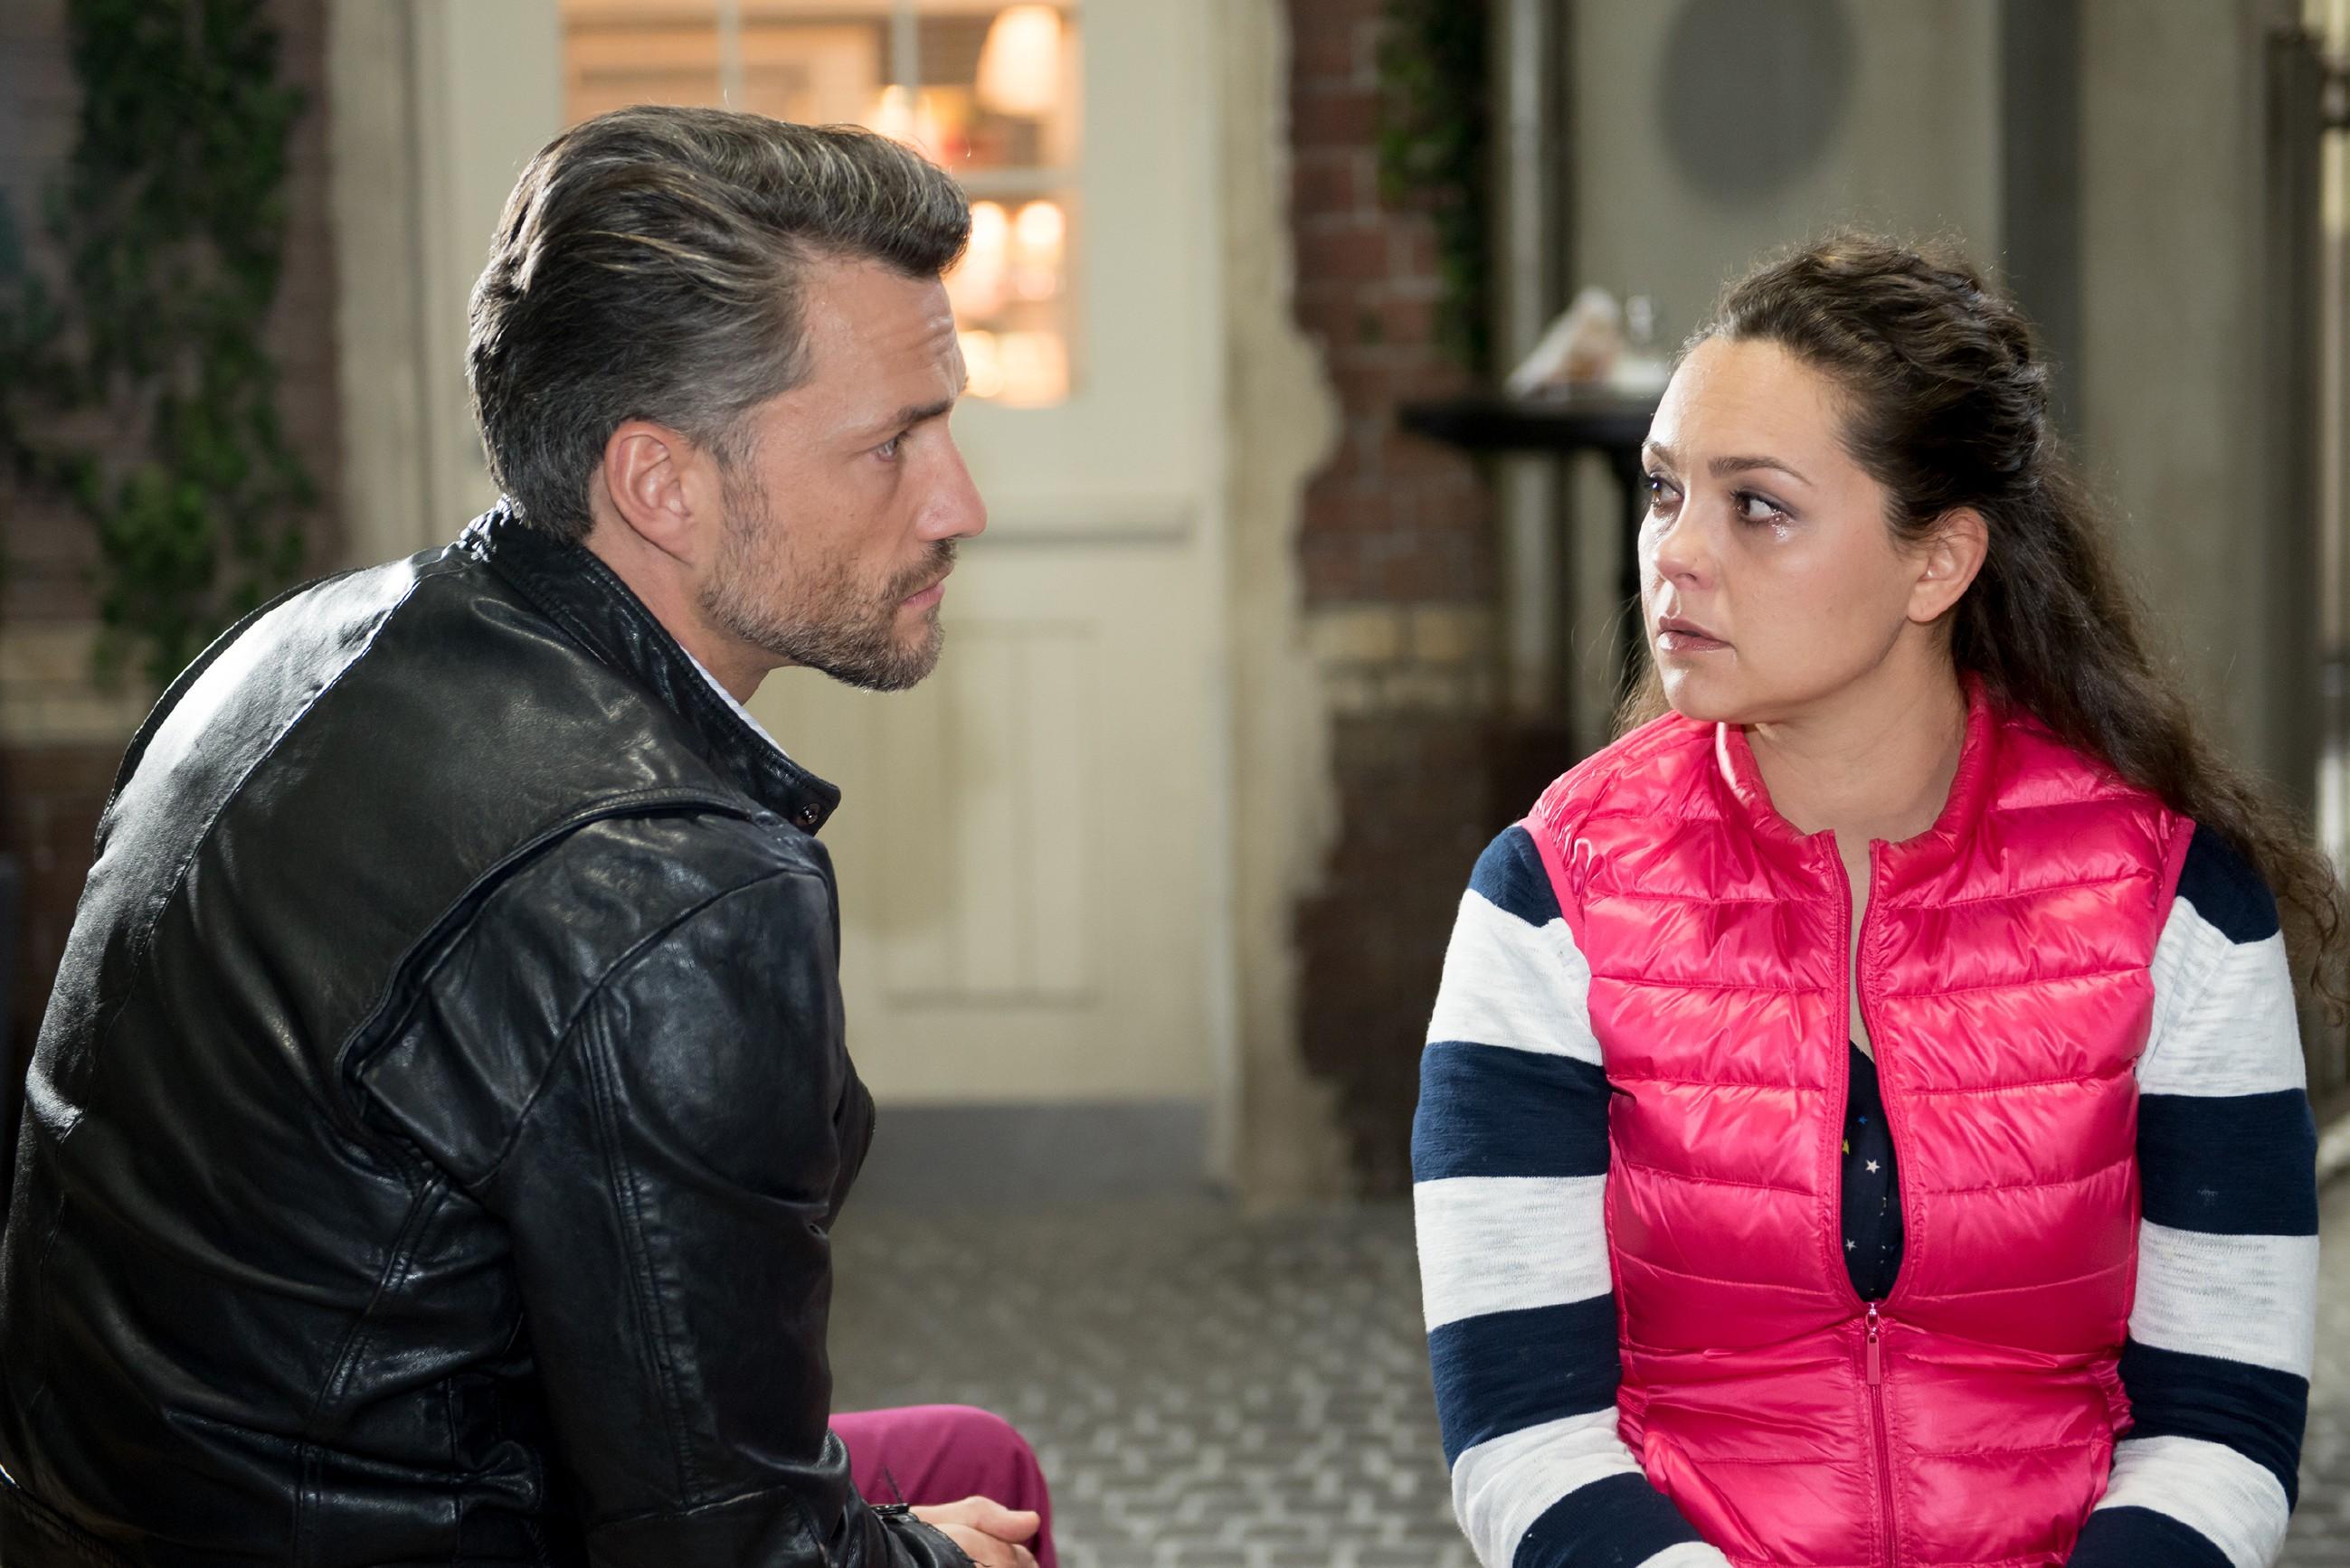 Caro (Ines Kurenbach) offenbart Malte (Stefan Bockelmann) ihre Ängste über einen weiteren Abgang. (Quelle: RTL / Stefan Behrens)